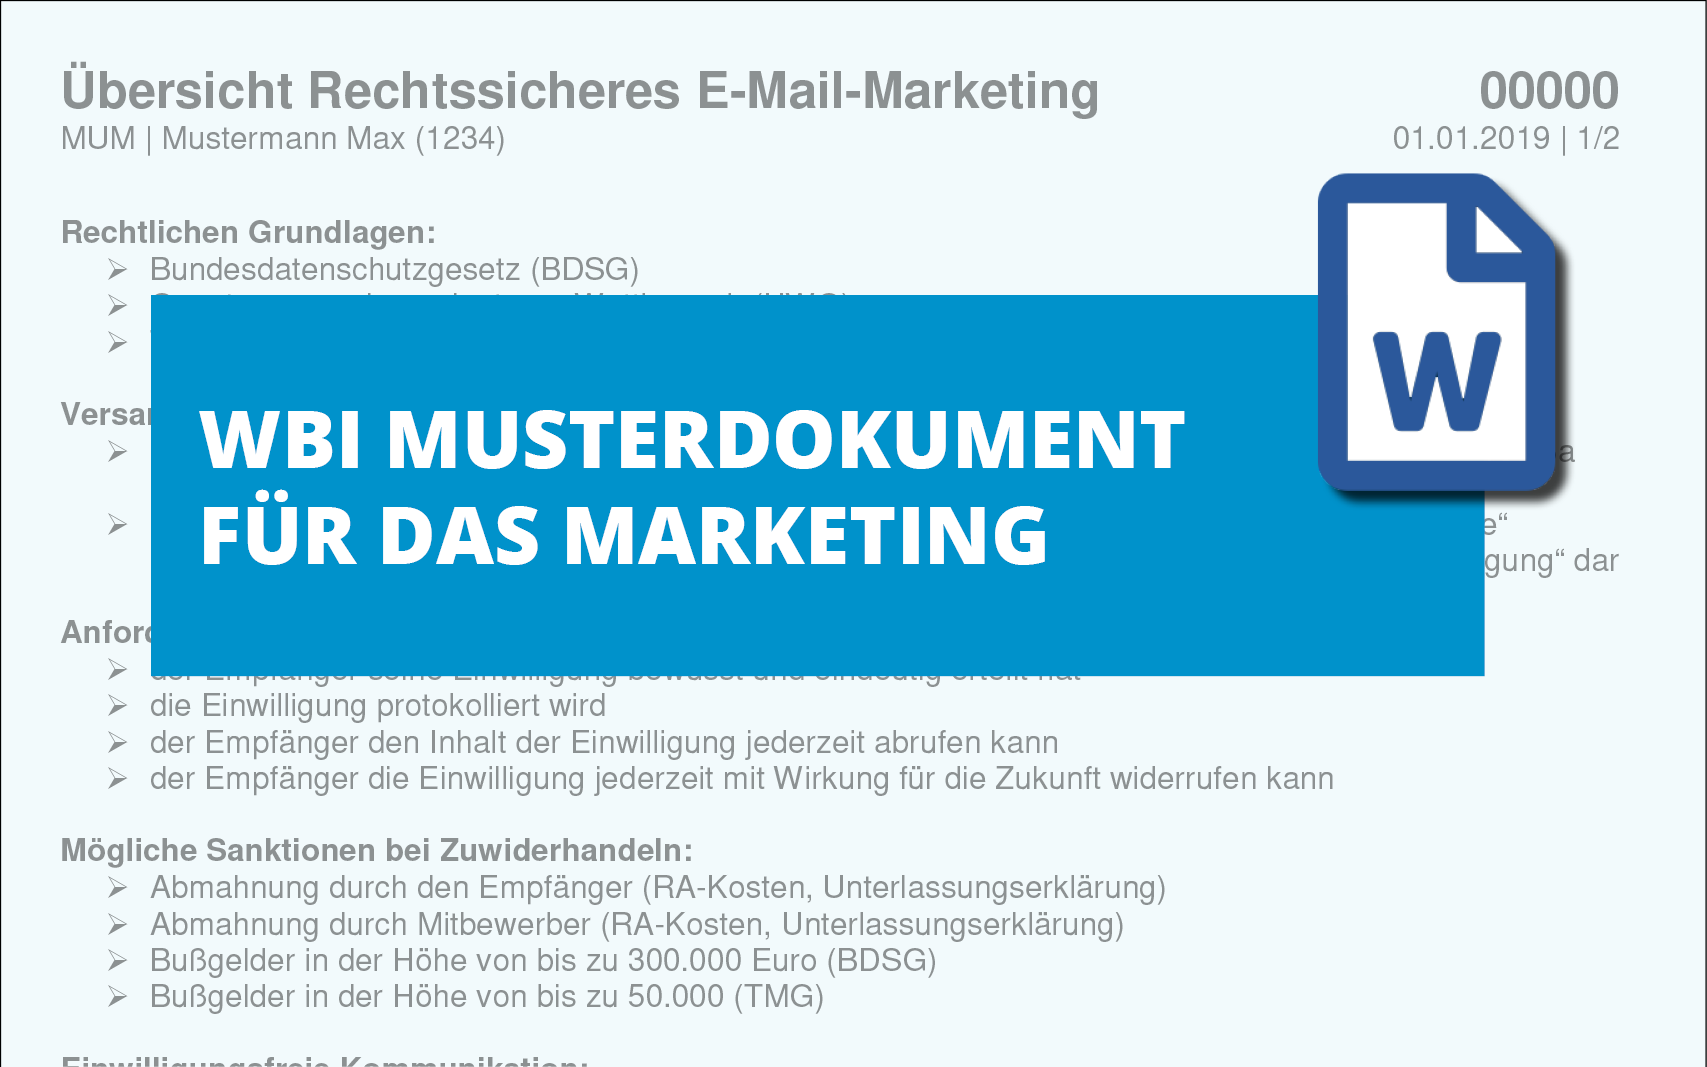 uebersicht-rechtssicheres-e-mail-marketing